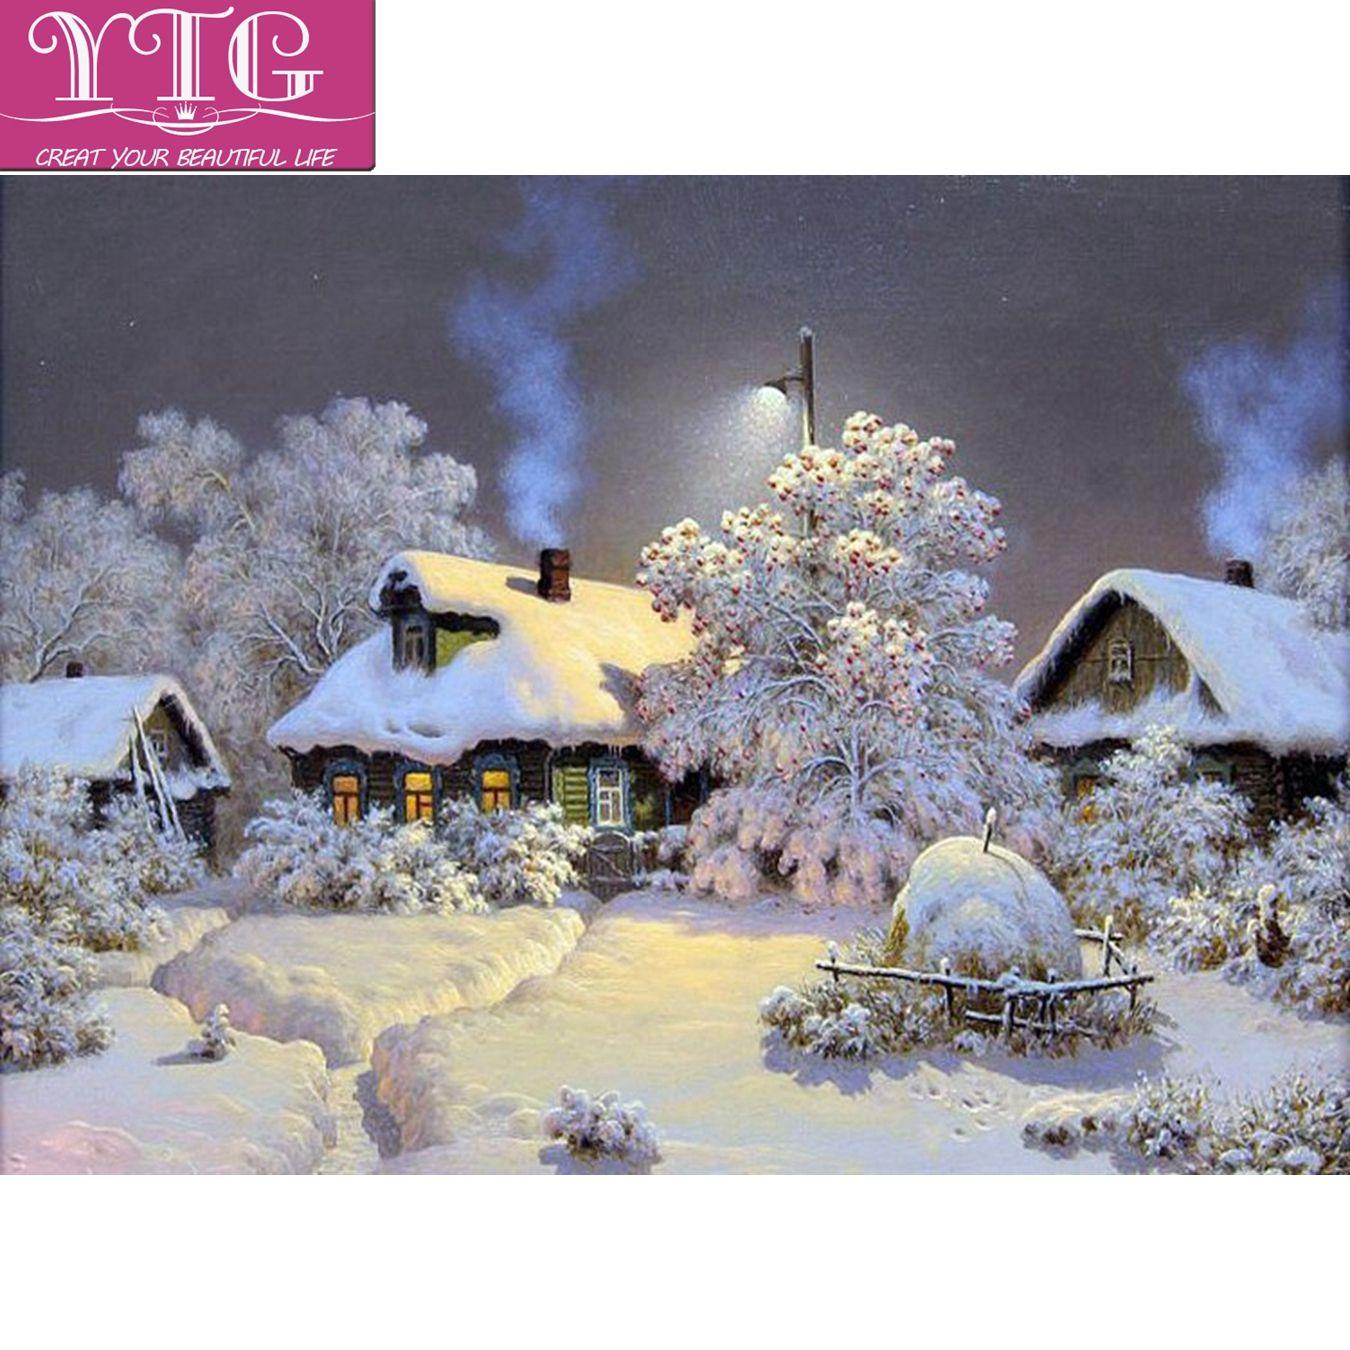 Großhandel Weihnachten, Schnee, Diamant Stickerei, Szene, Voll ...